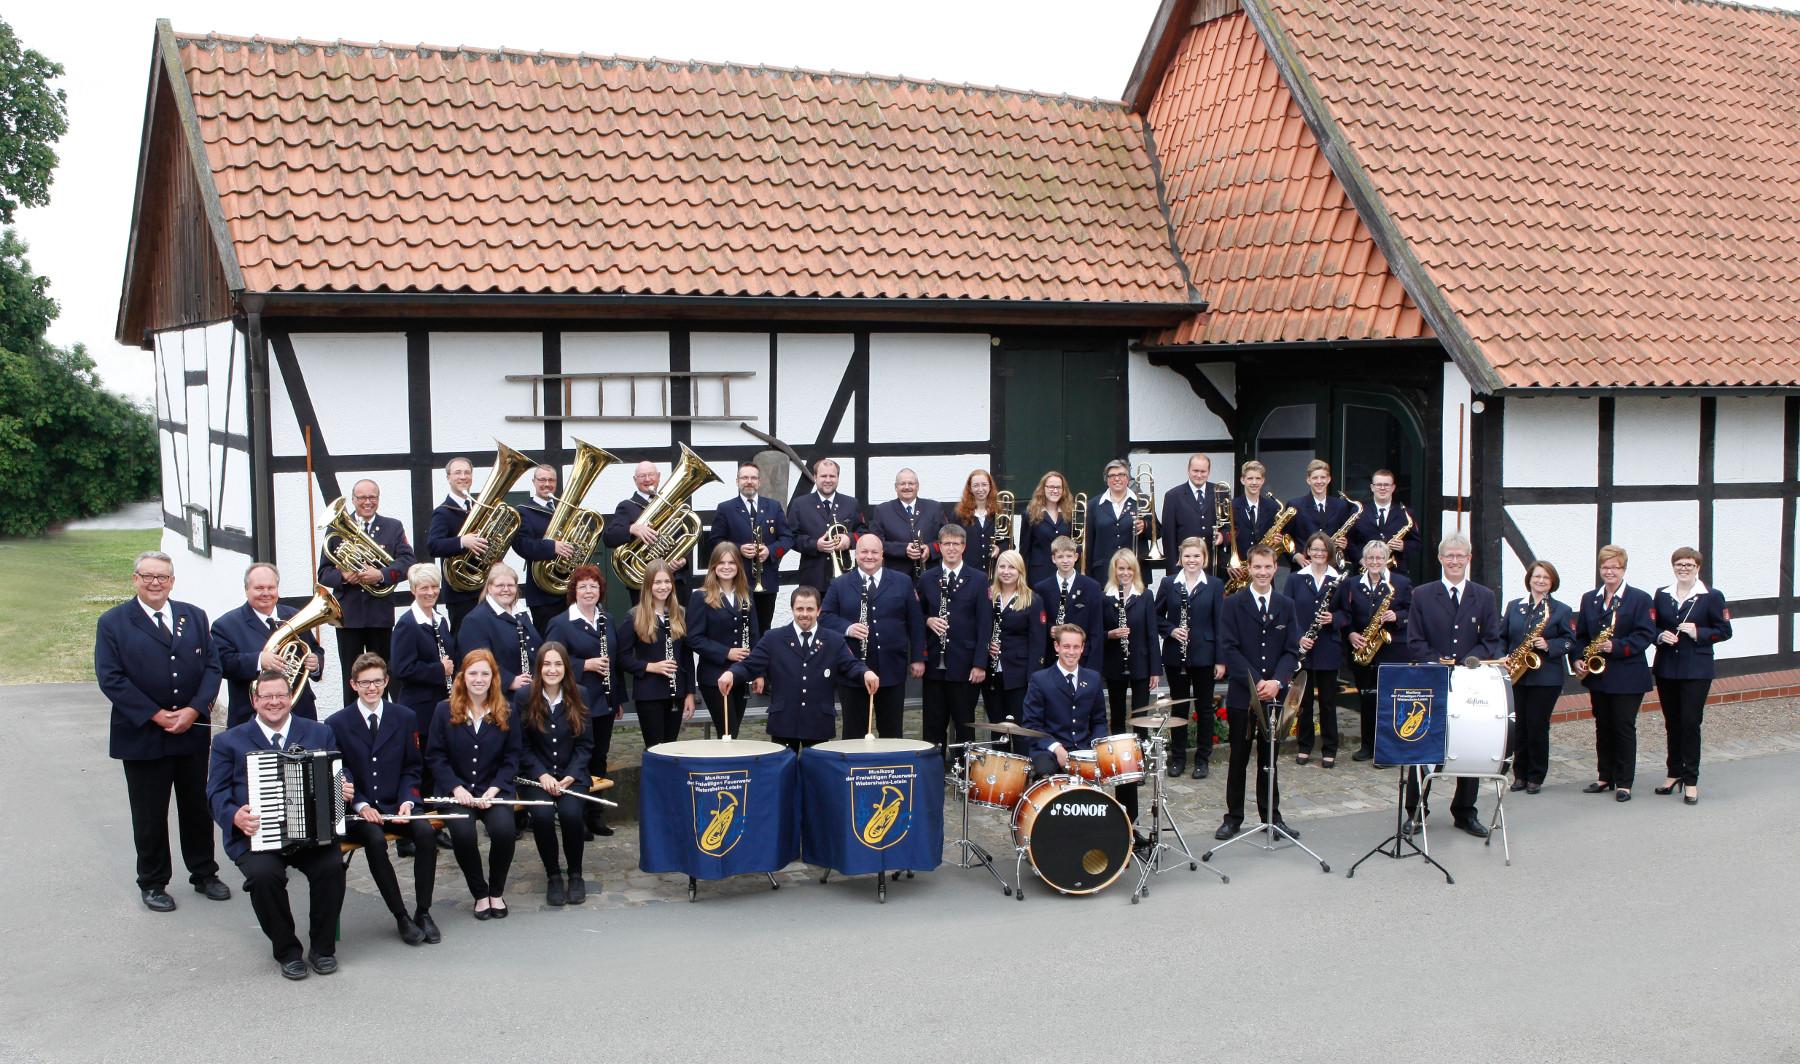 Musikzug der Freiwilligen Feuerwehr Wietersheim-Leteln im Jahr 2015